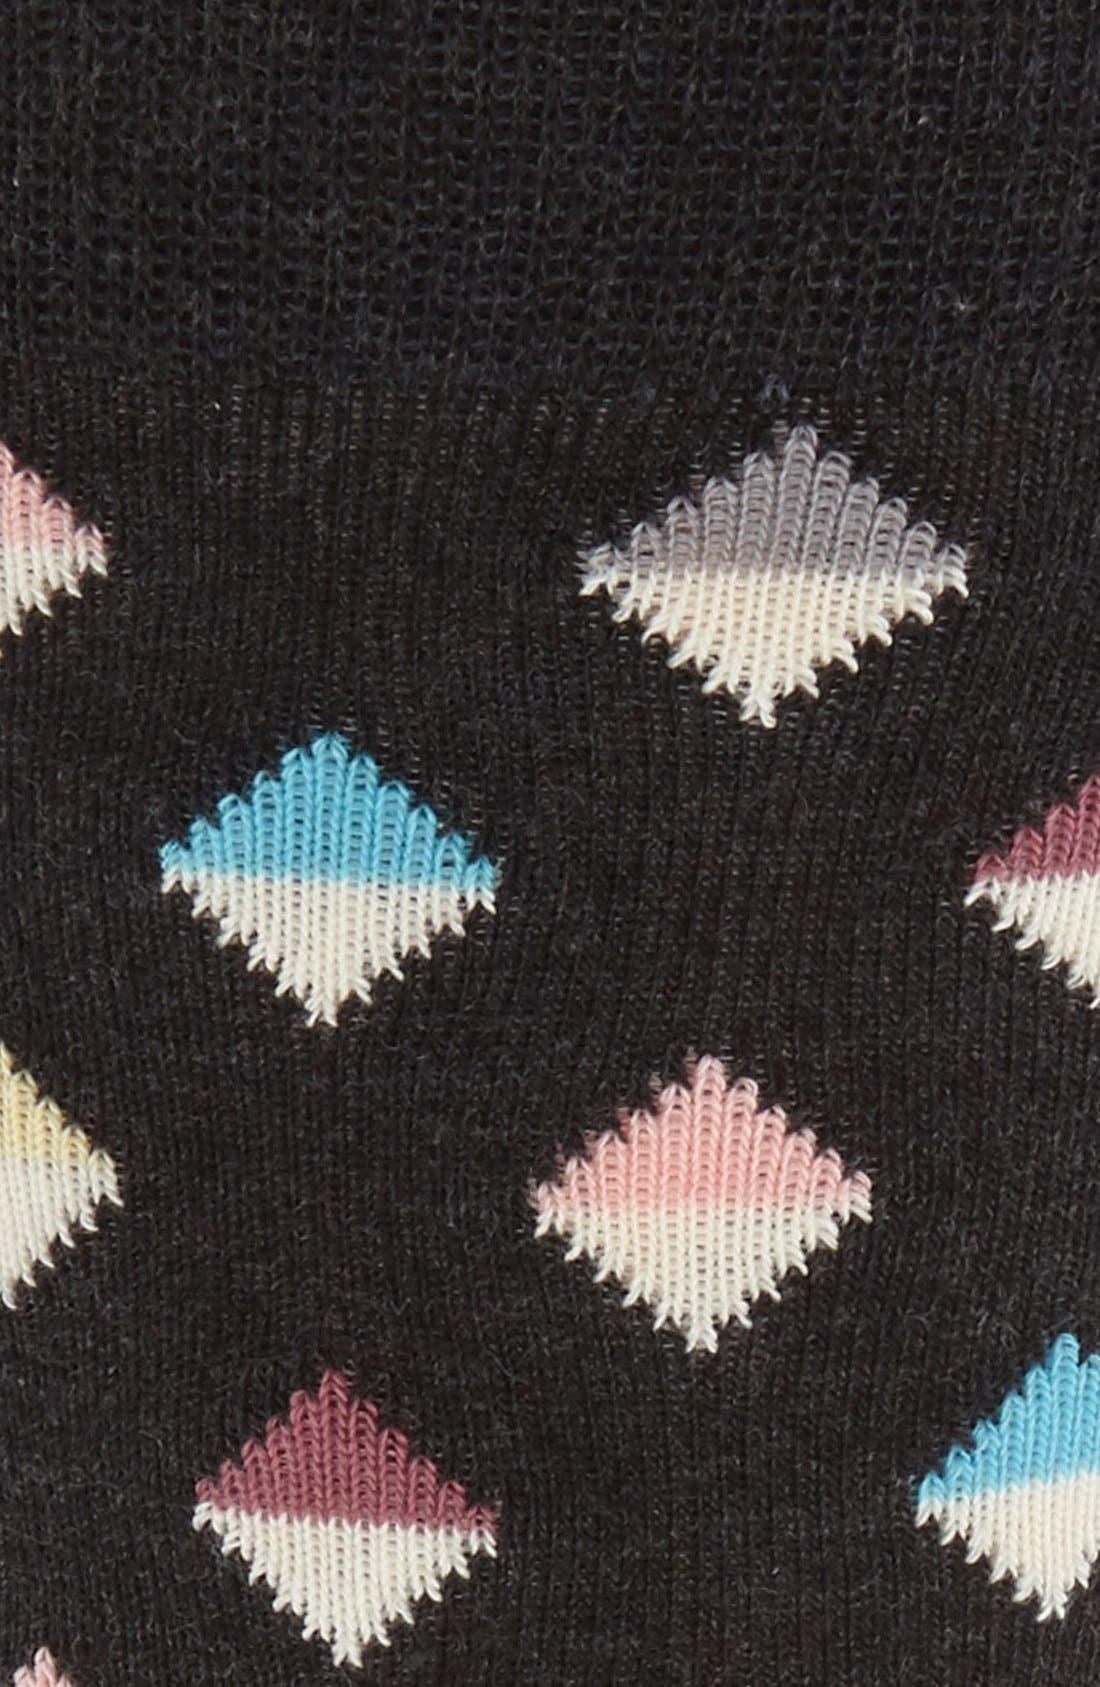 Mini Diamond Cotton Blend Socks,                             Alternate thumbnail 2, color,                             003